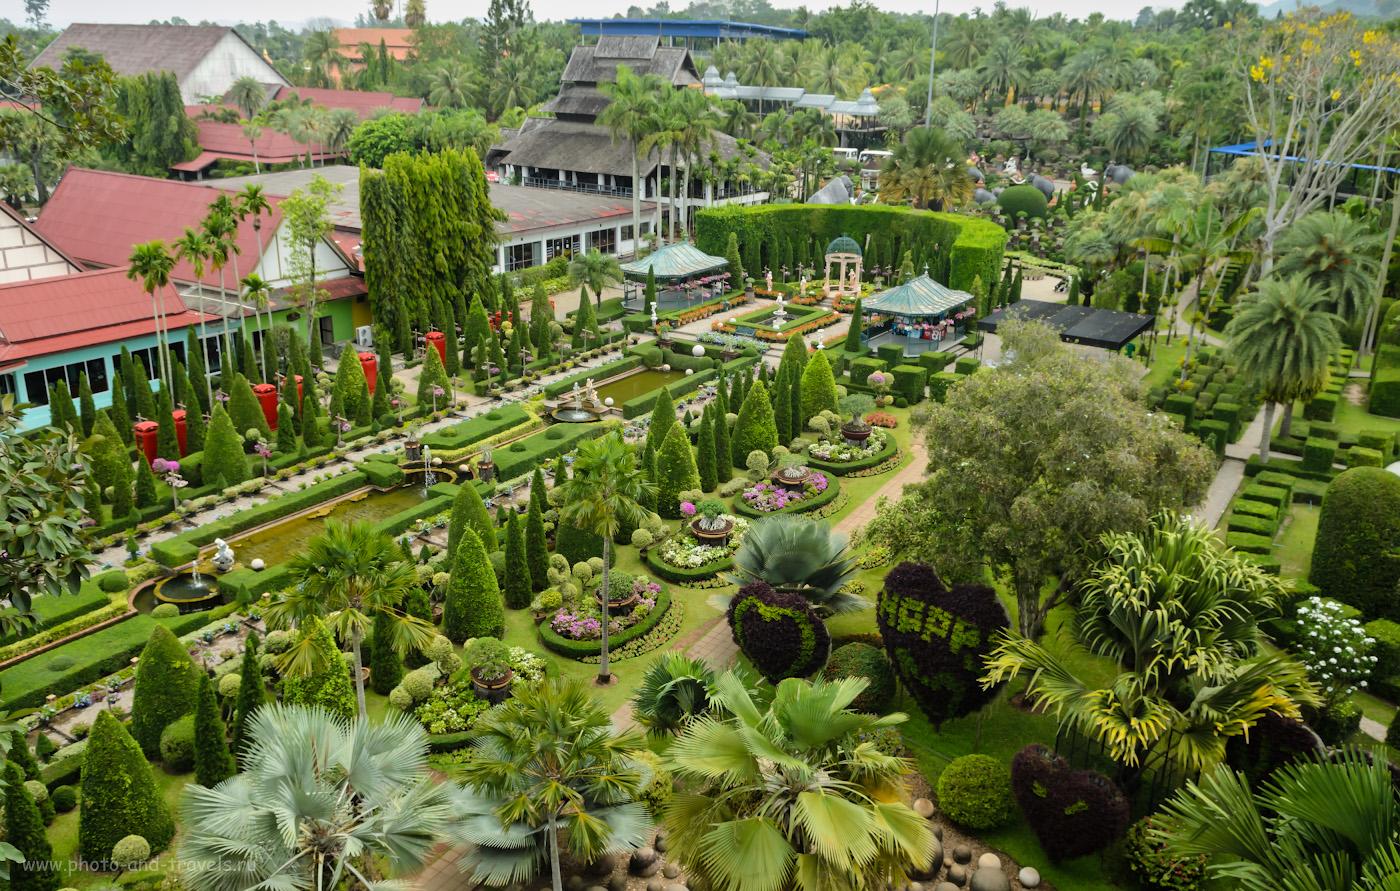 """7. В левом верхнем углу - здание театра Национального Шоу. Слева - Итальянский, справа - Европейский сад. Рассказ про поездку в ботанический сад Паттайи """"Nong Nooch Tropical Botanical Garden"""" самостоятельно. Отдых в Таиланде во второй раз."""